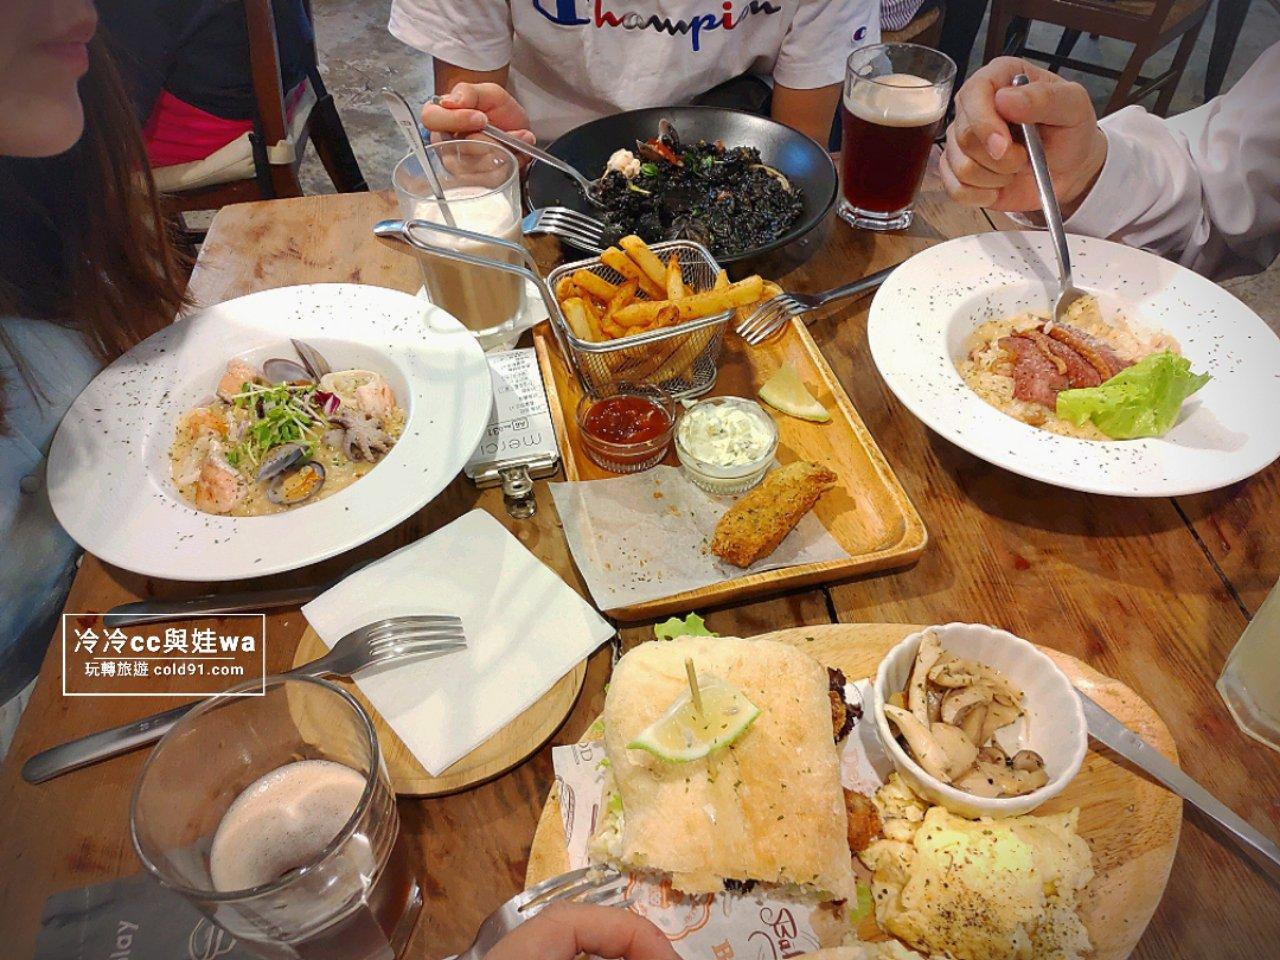 板橋美食早午餐】Merci Cafe早午餐,超適合網美前來享用和打卡的地方!